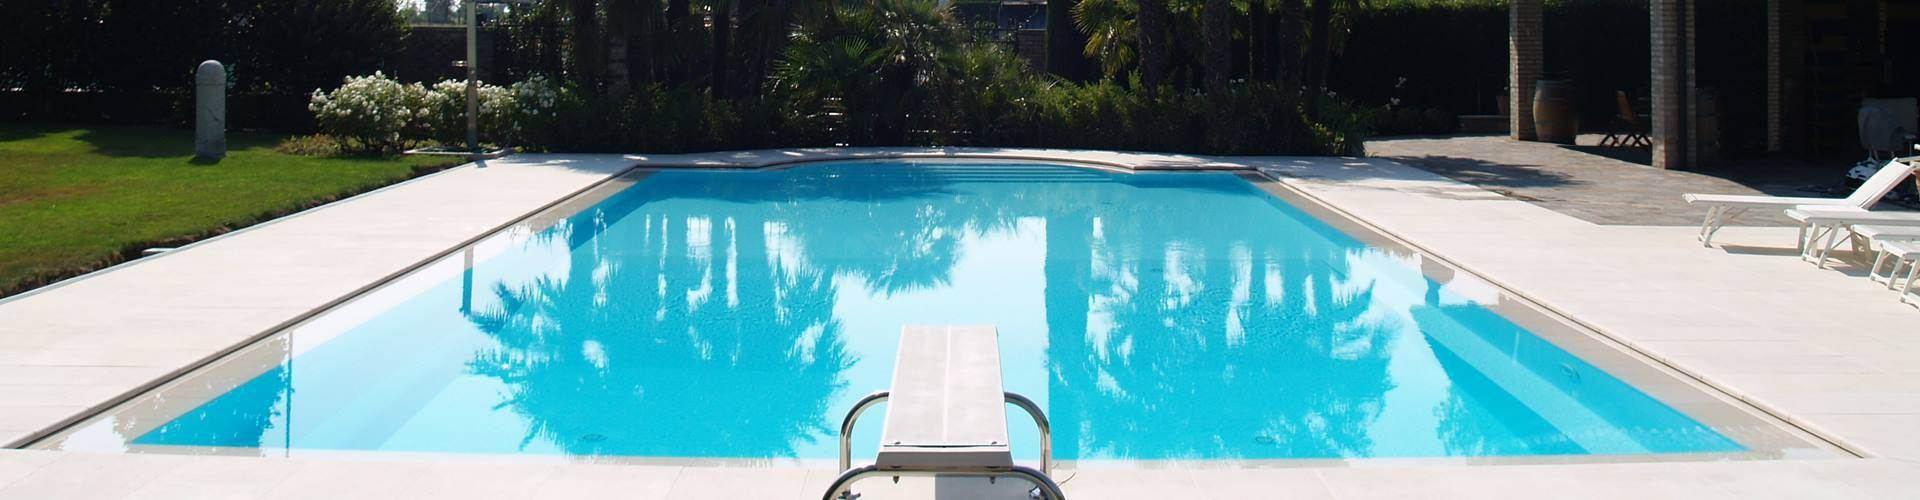 costruzione piscine brescia bs  costruzione piscine mantova mn  costruttori e progettisti di ...